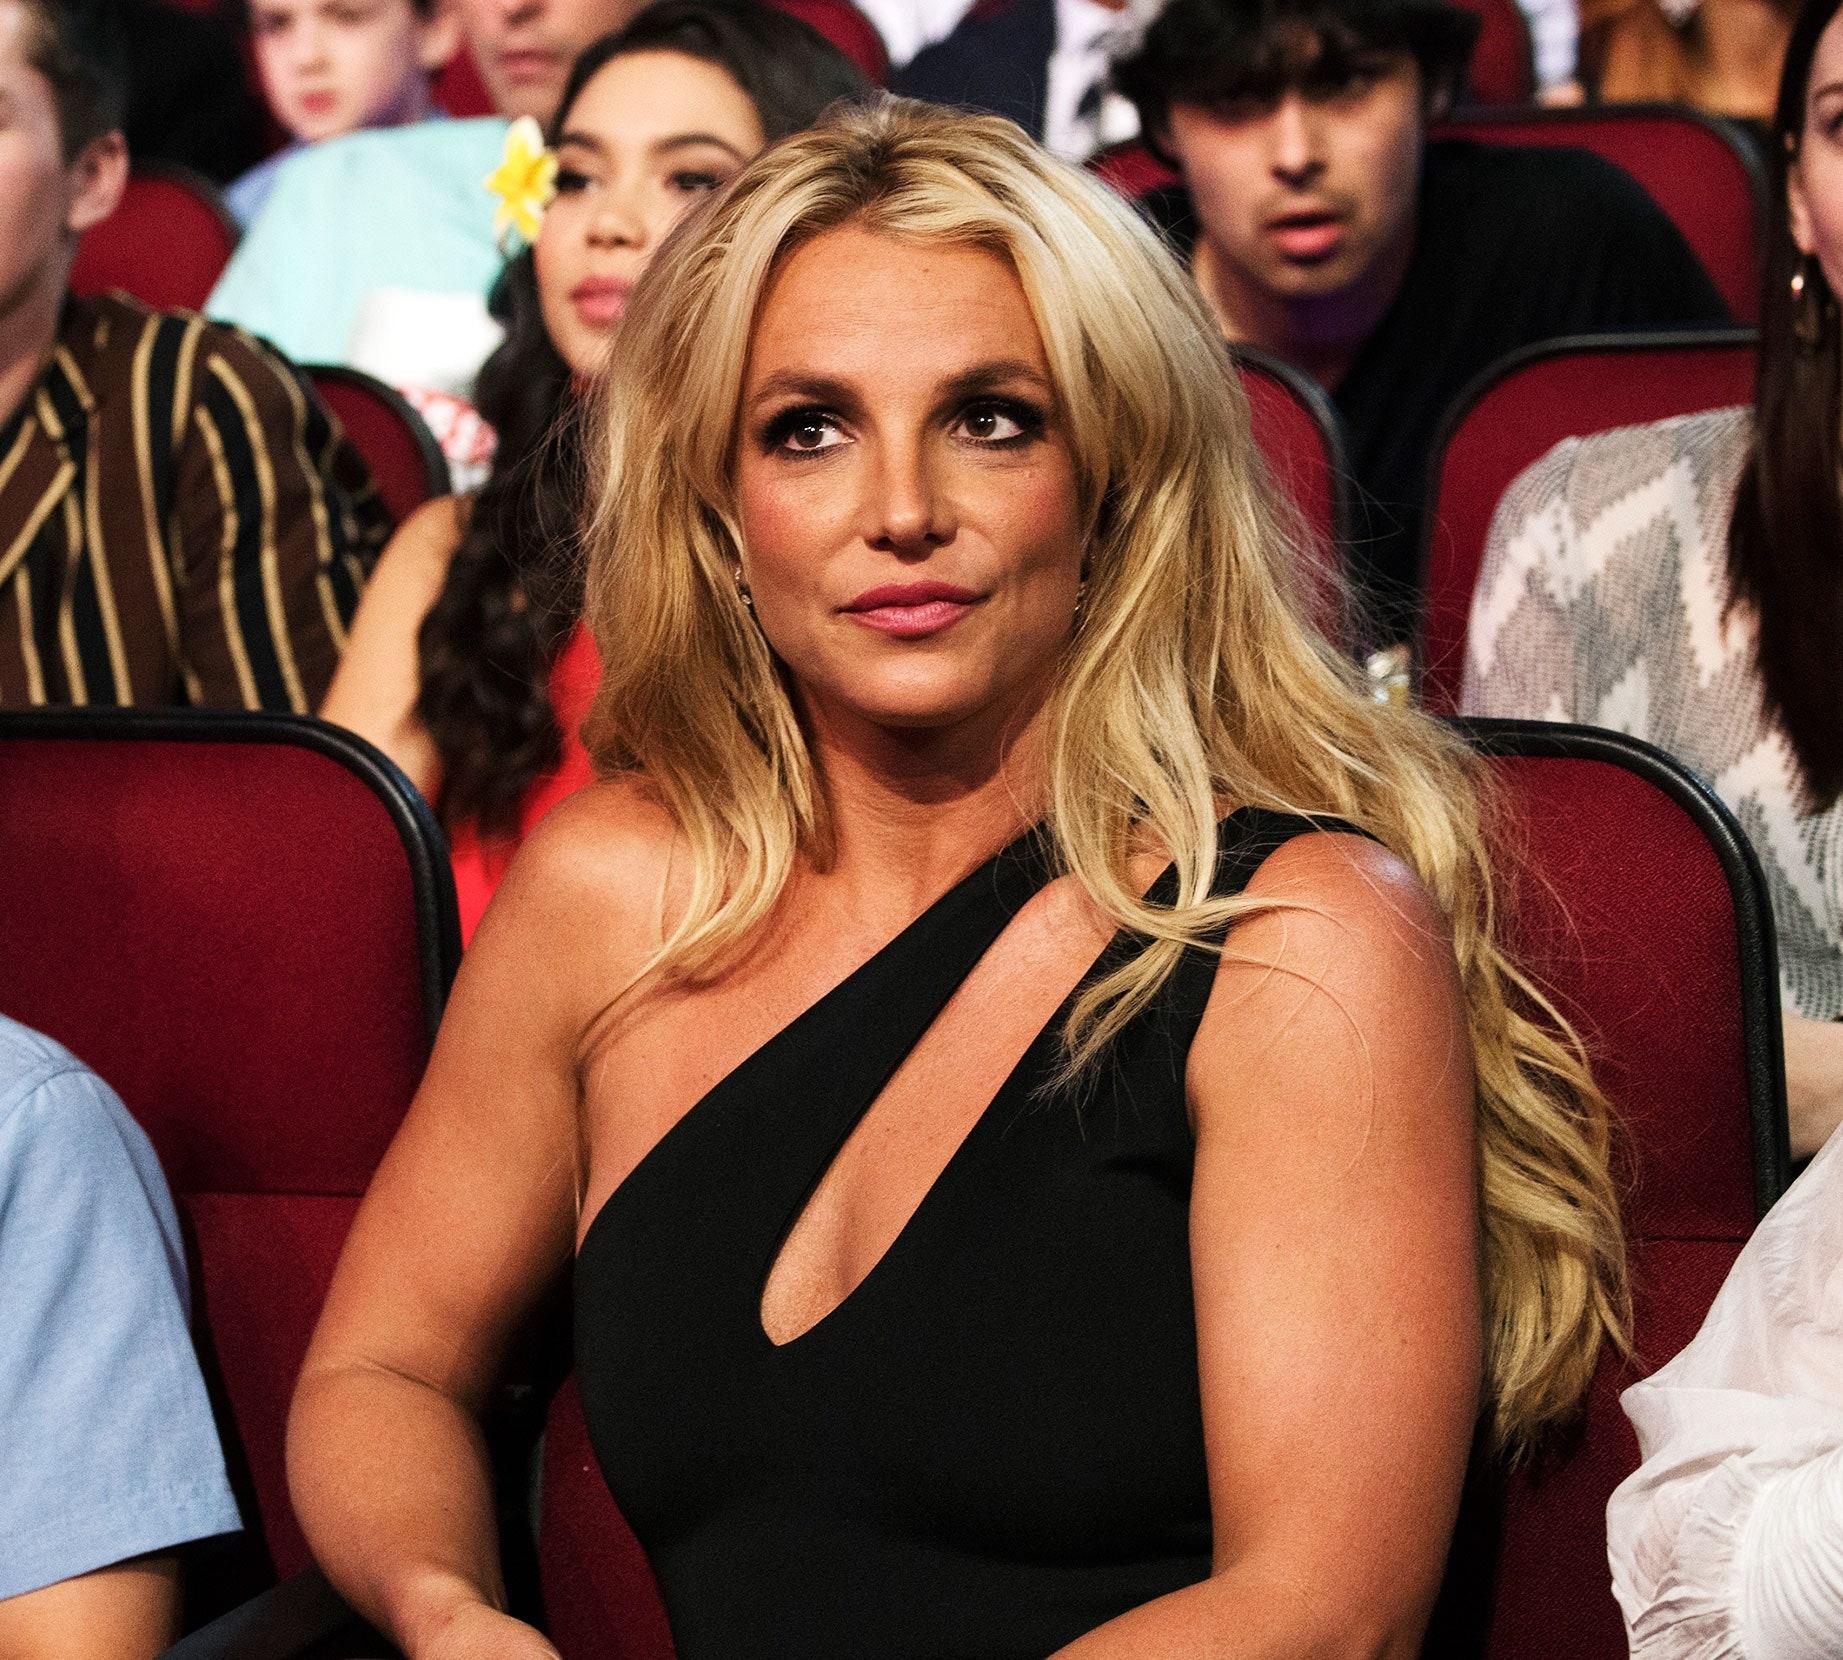 Адвокат Бритни Спирс уволился из-за шокирующих откровений певицы в суде - фото №1